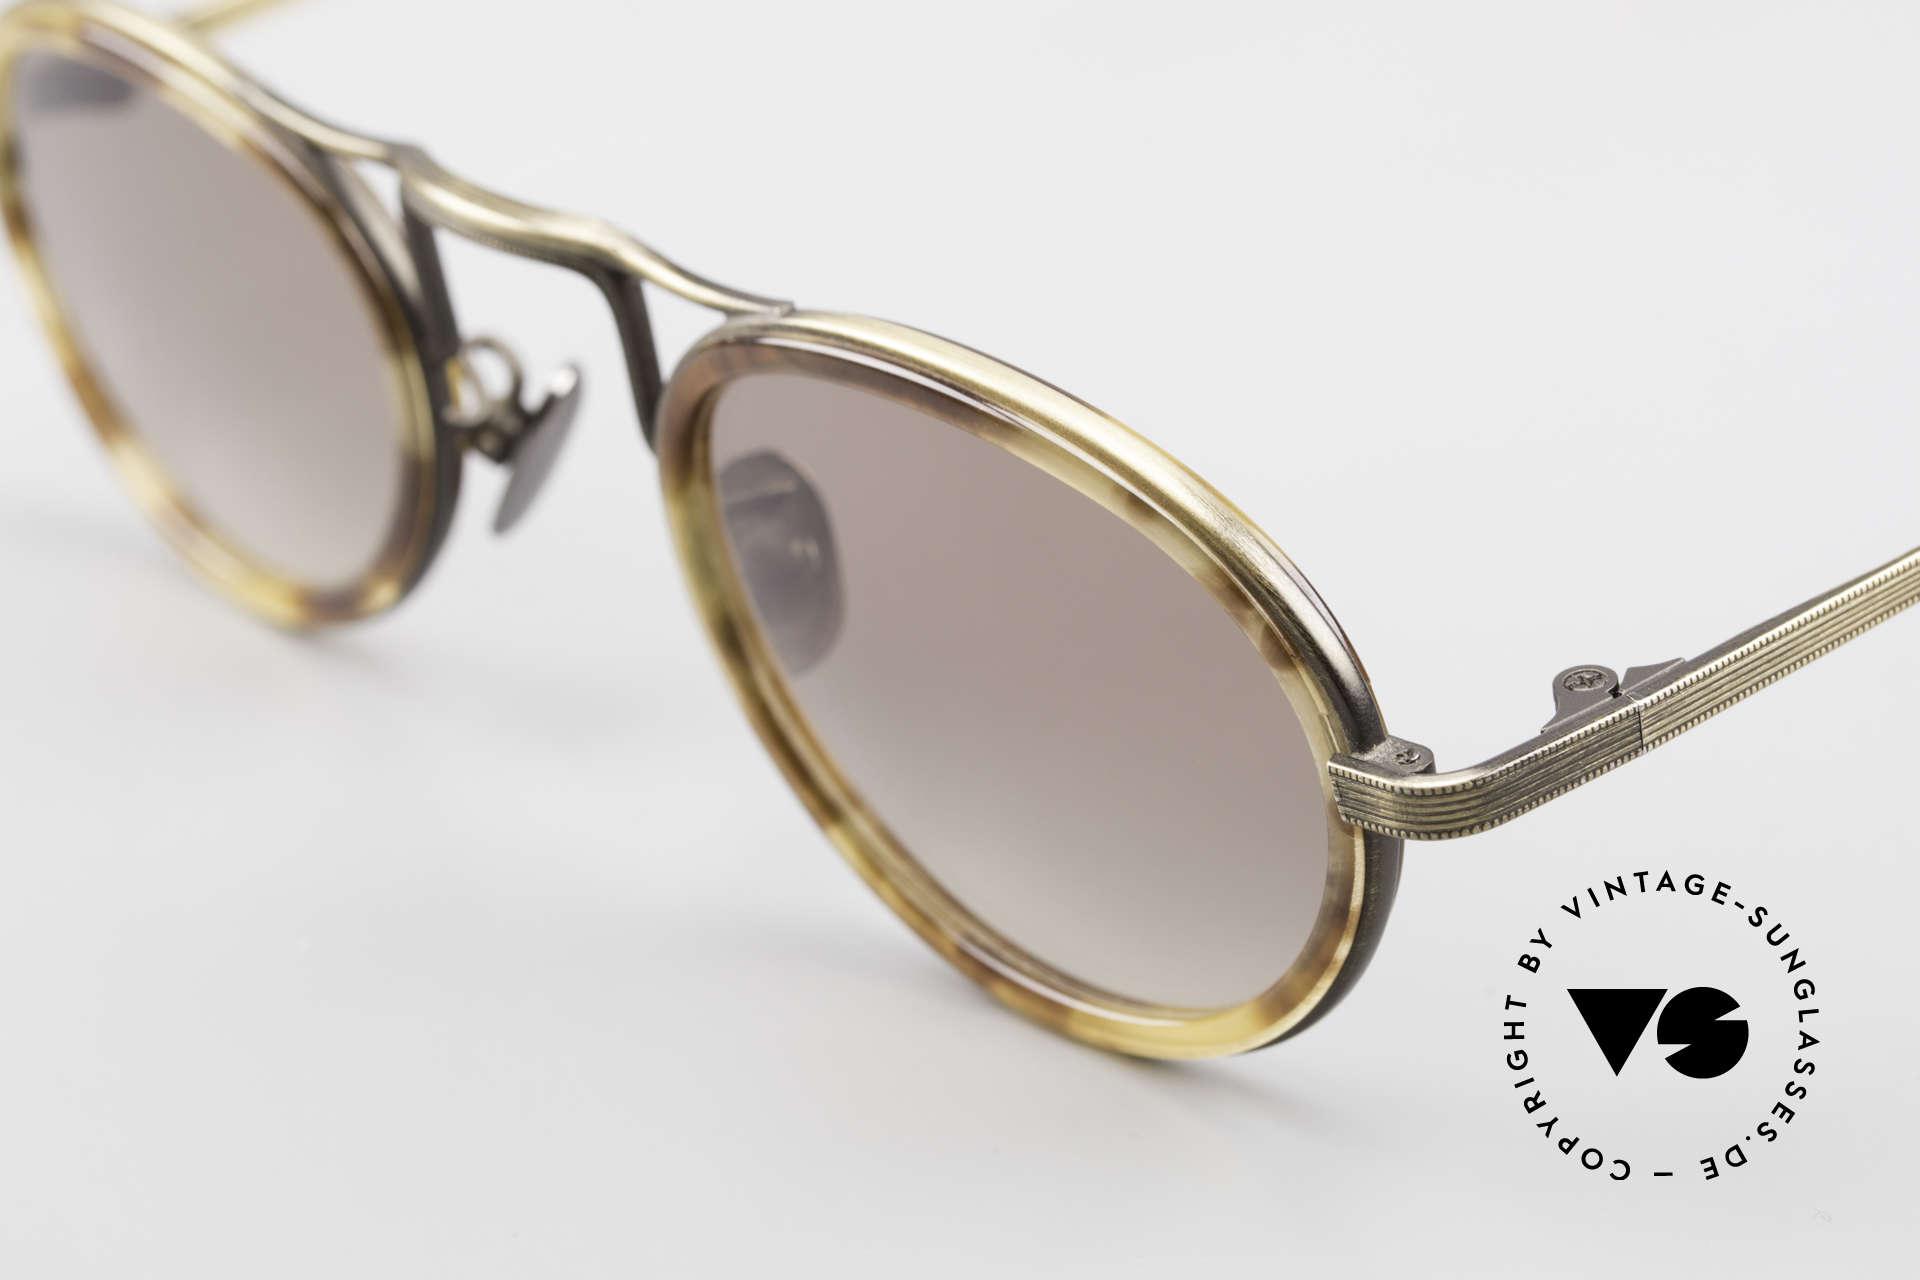 Oliver Peoples MP1 Vintage Designer Frame Oval, never worn (like all our vintage Oliver Peoples eyewear), Made for Men and Women